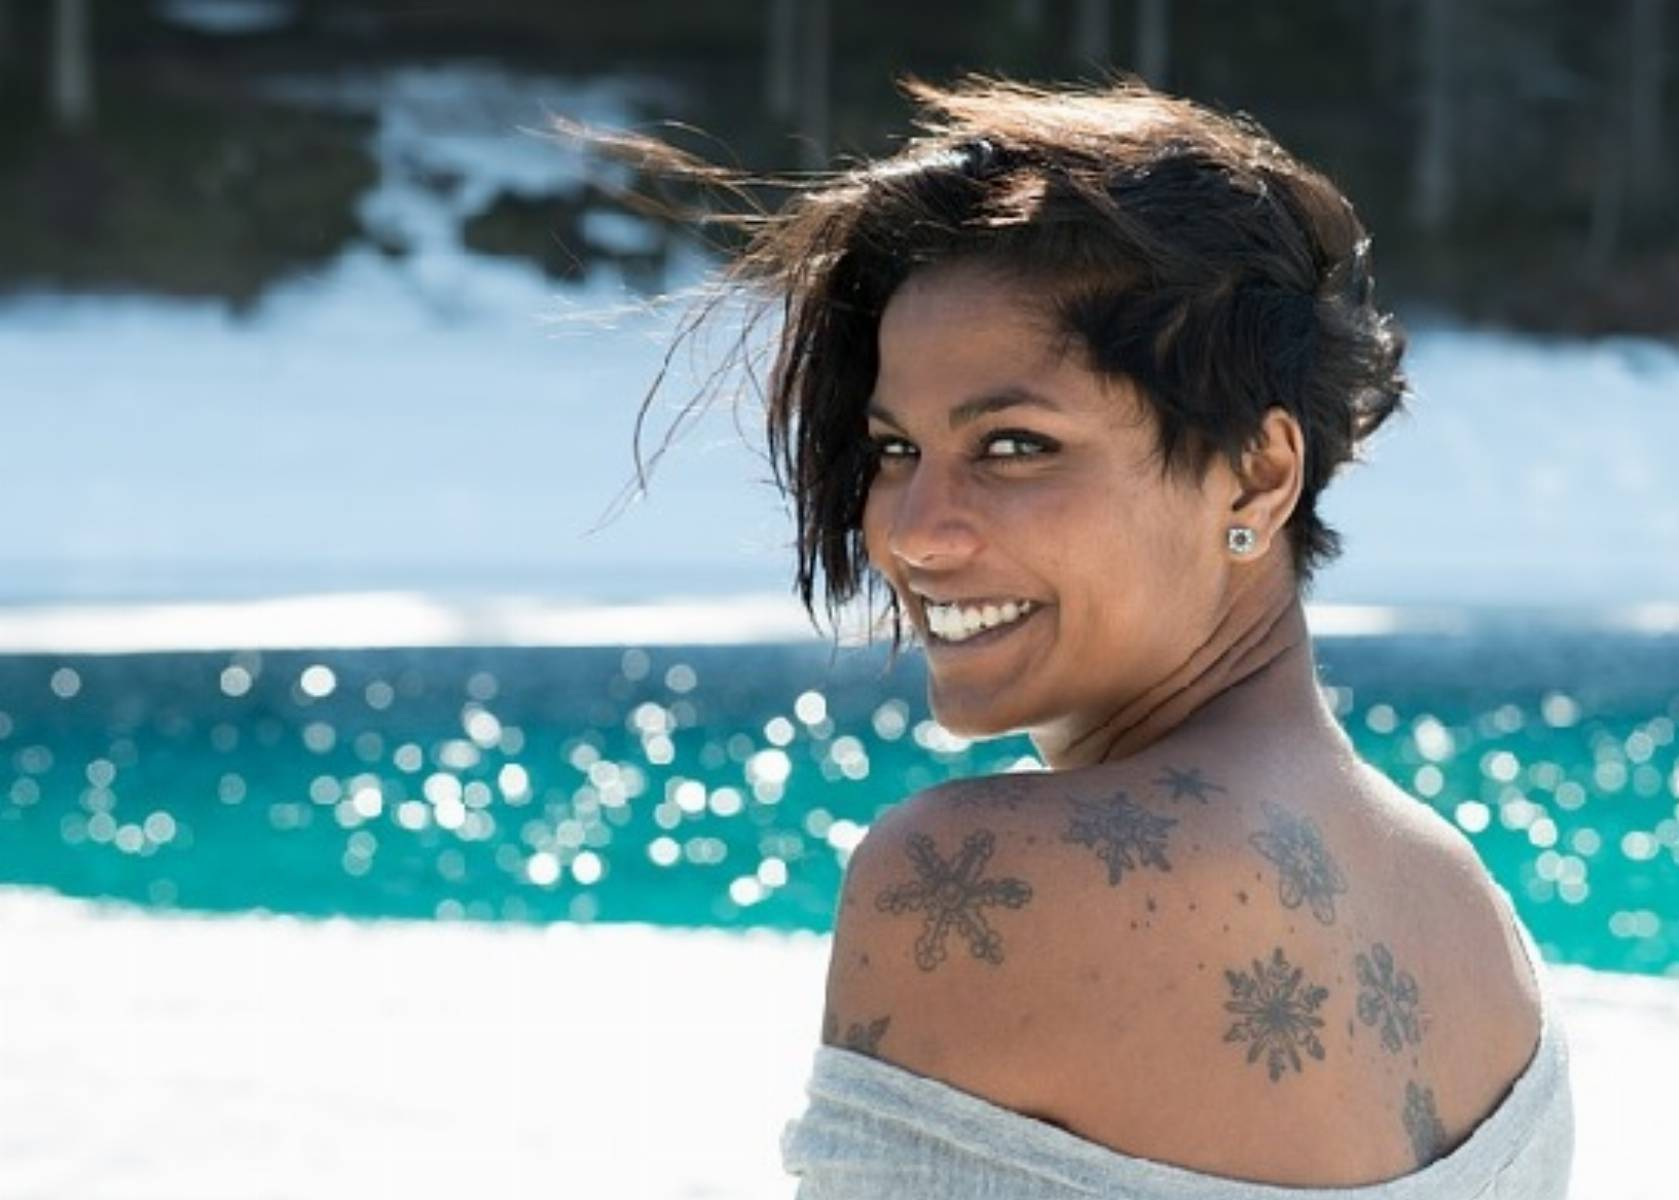 Jak Usunąć Niechciany Tatuaż Kobietamagpl